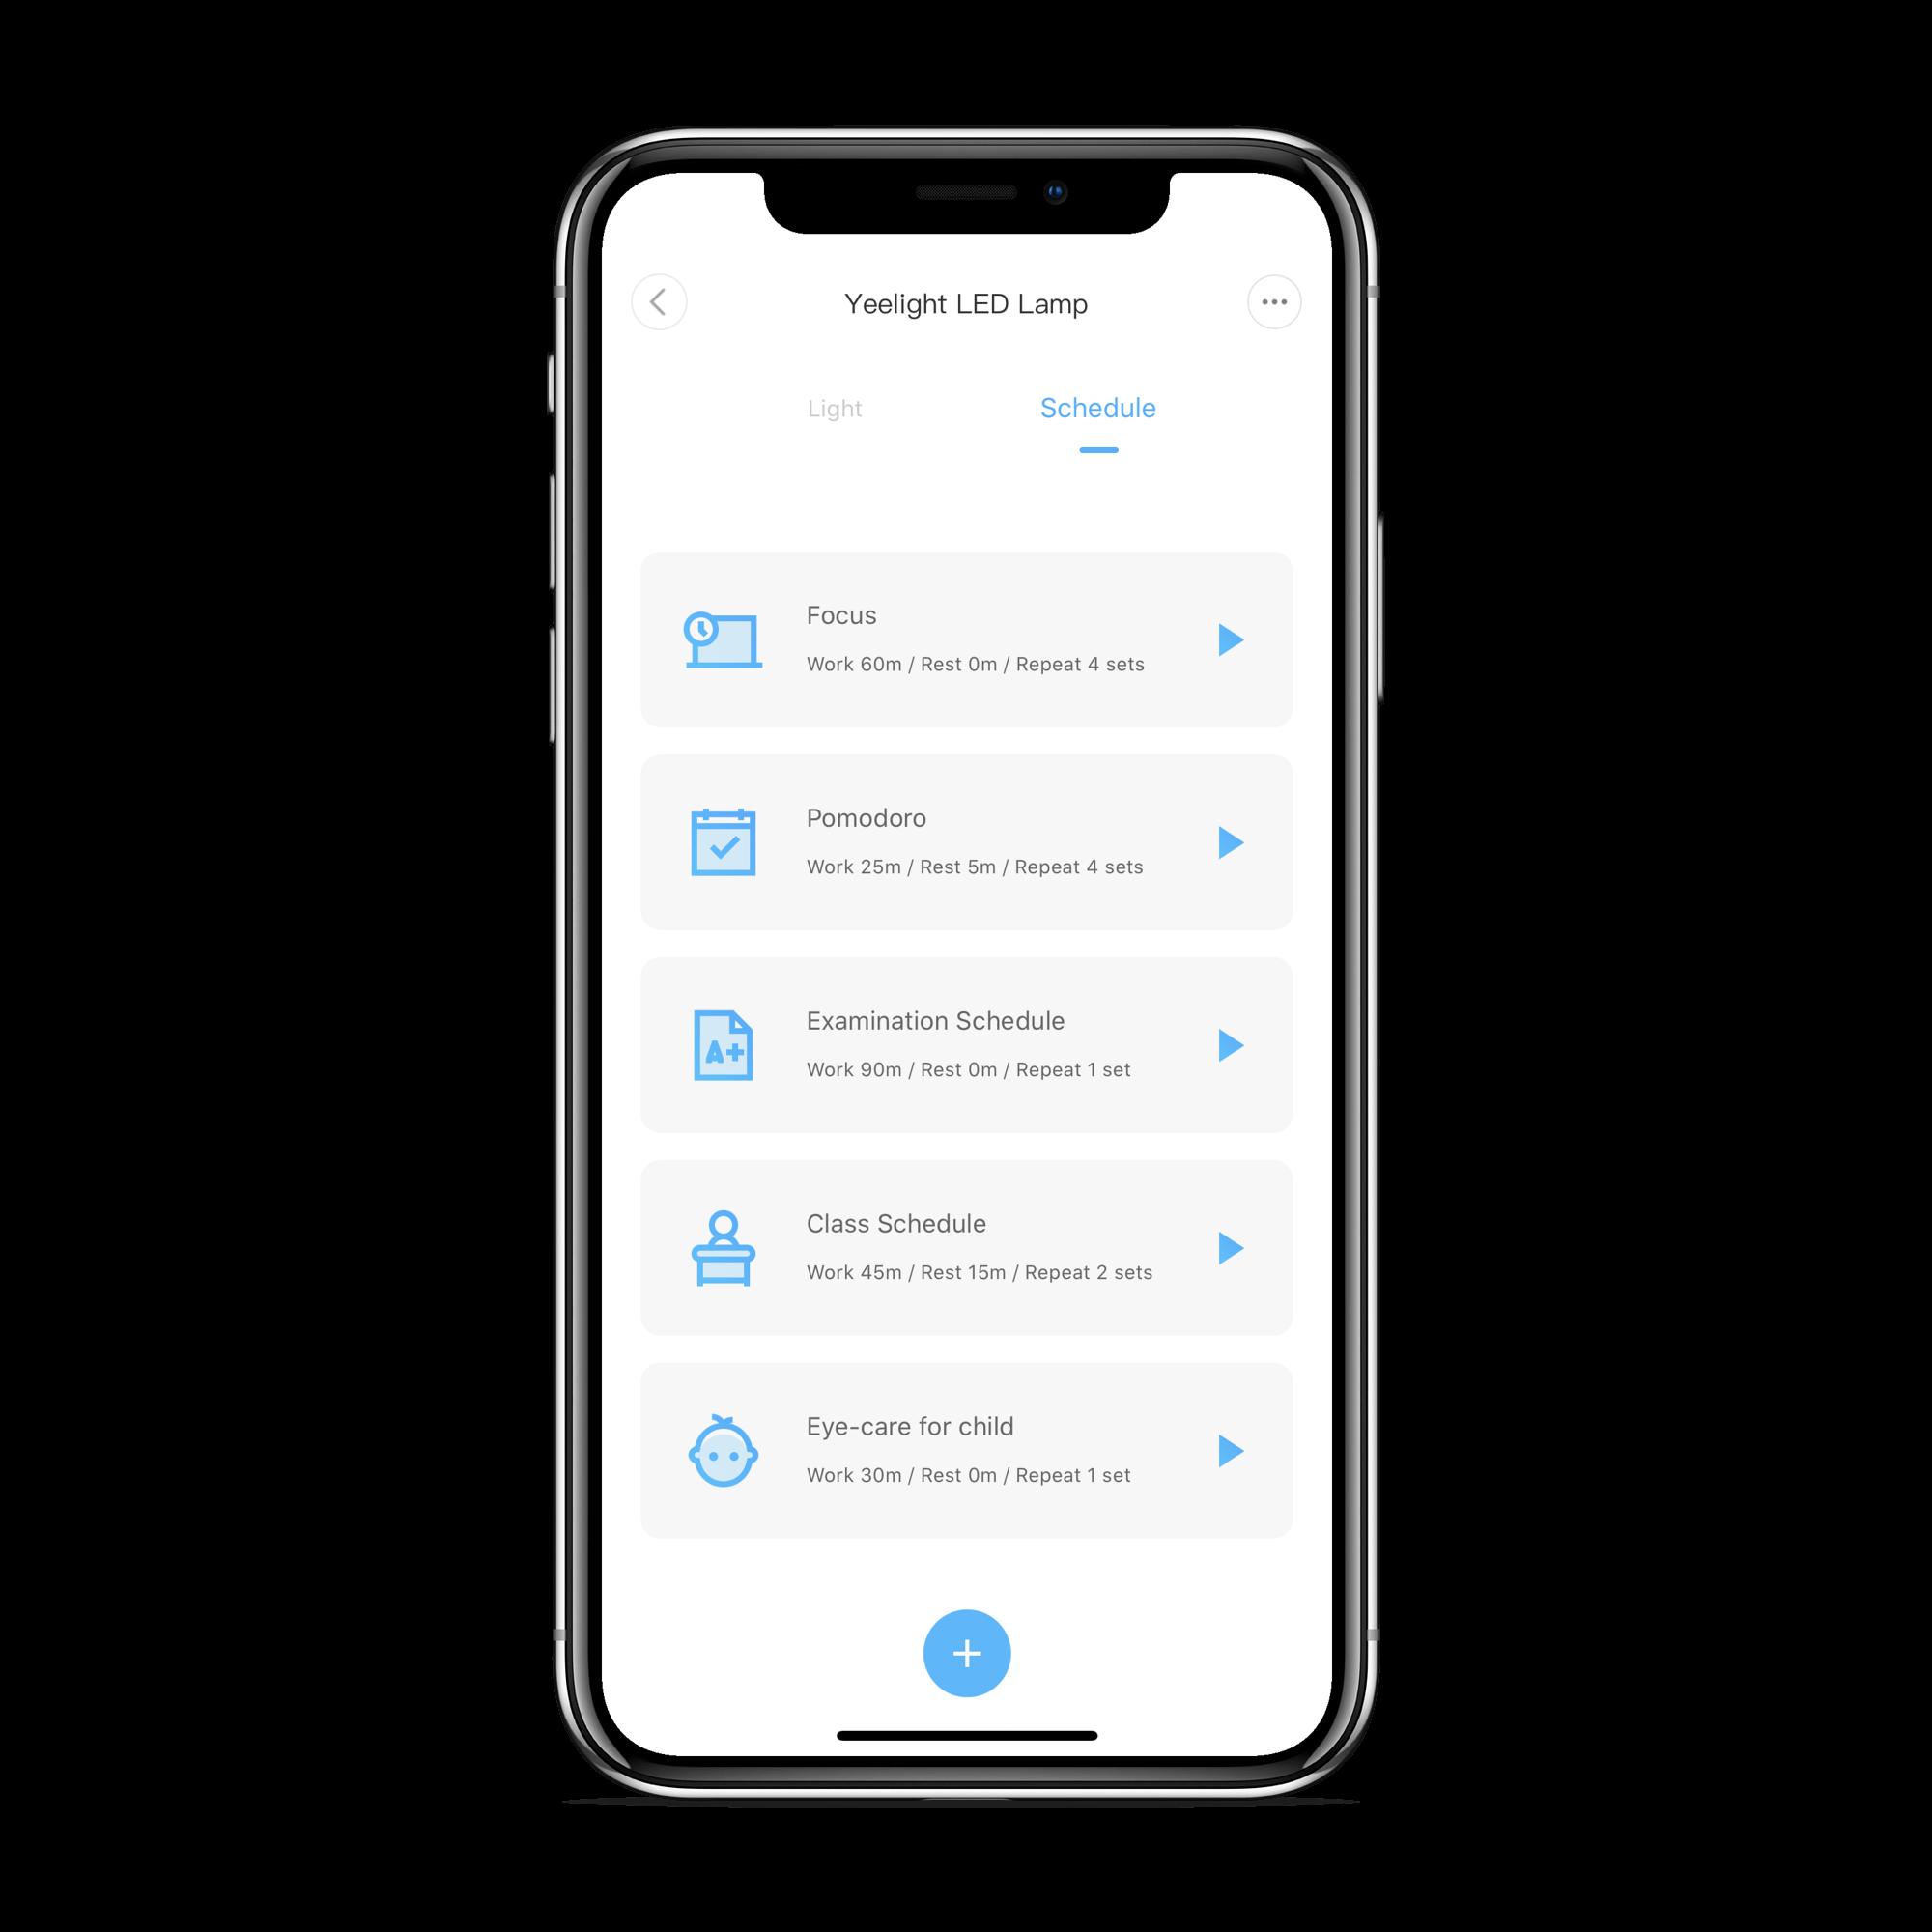 Yeelight LED Pro app4